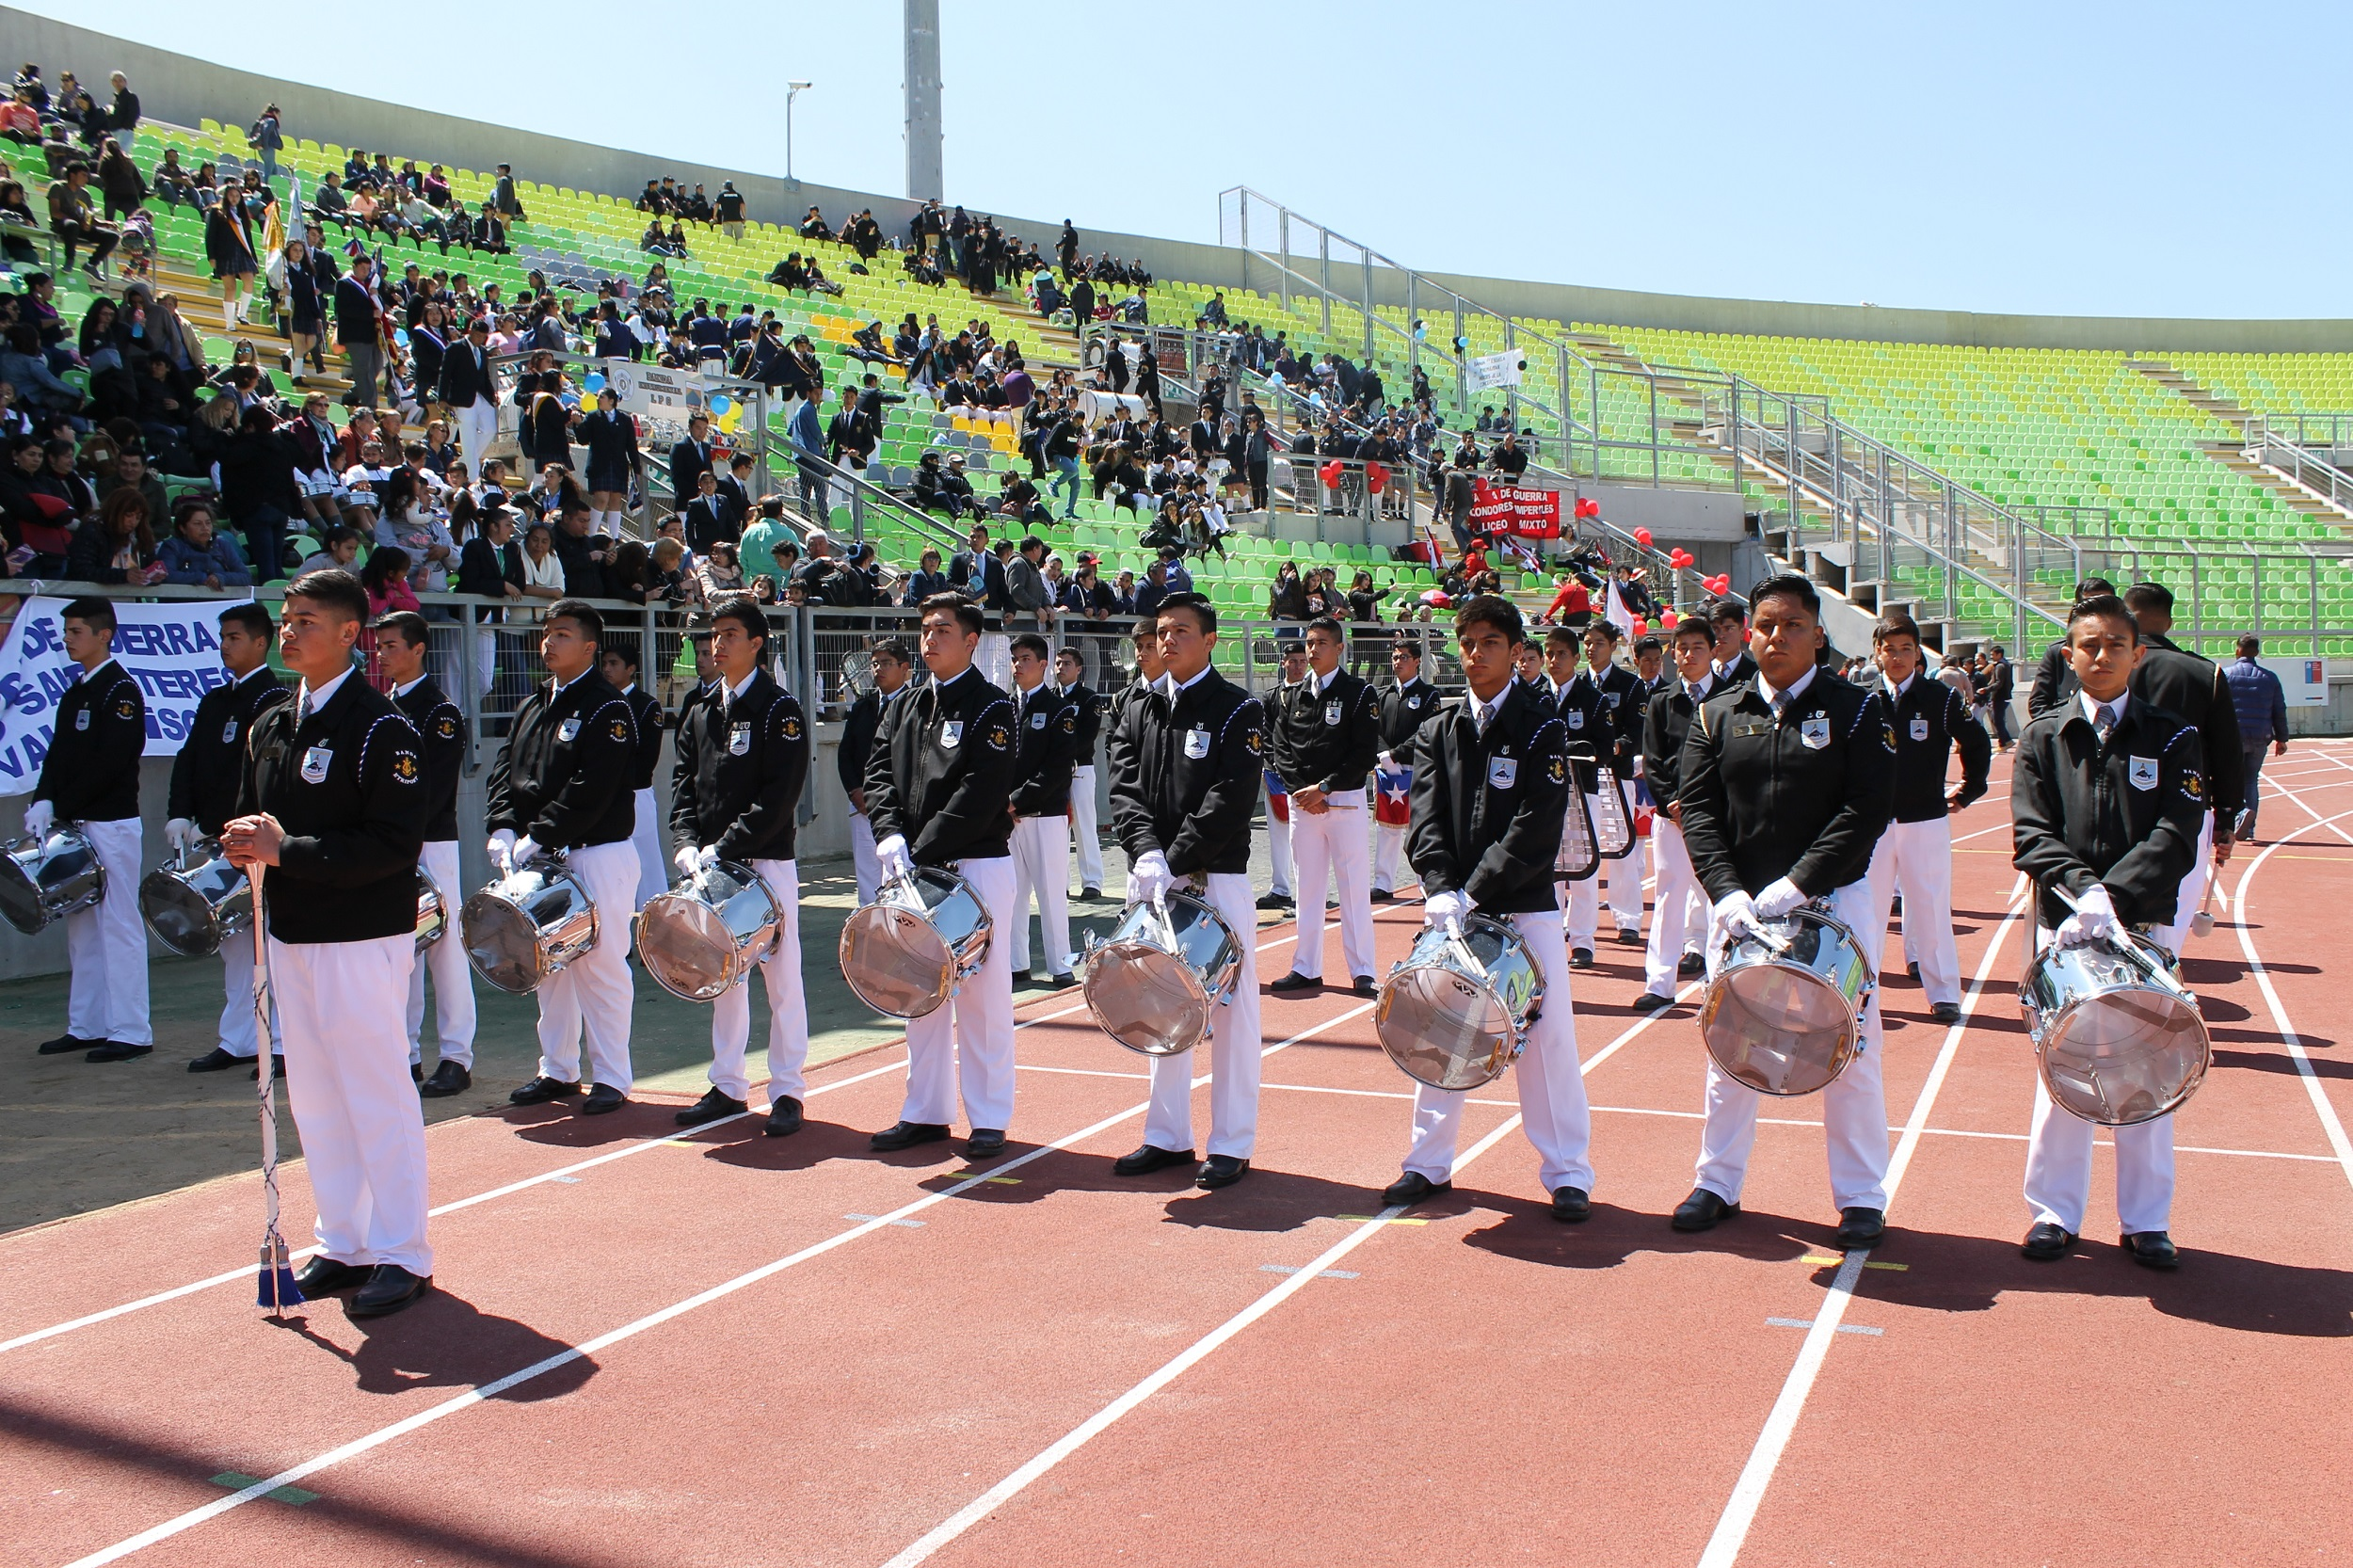 2° Concurso Interregional de Bandas en Estadio Elias Figueroa